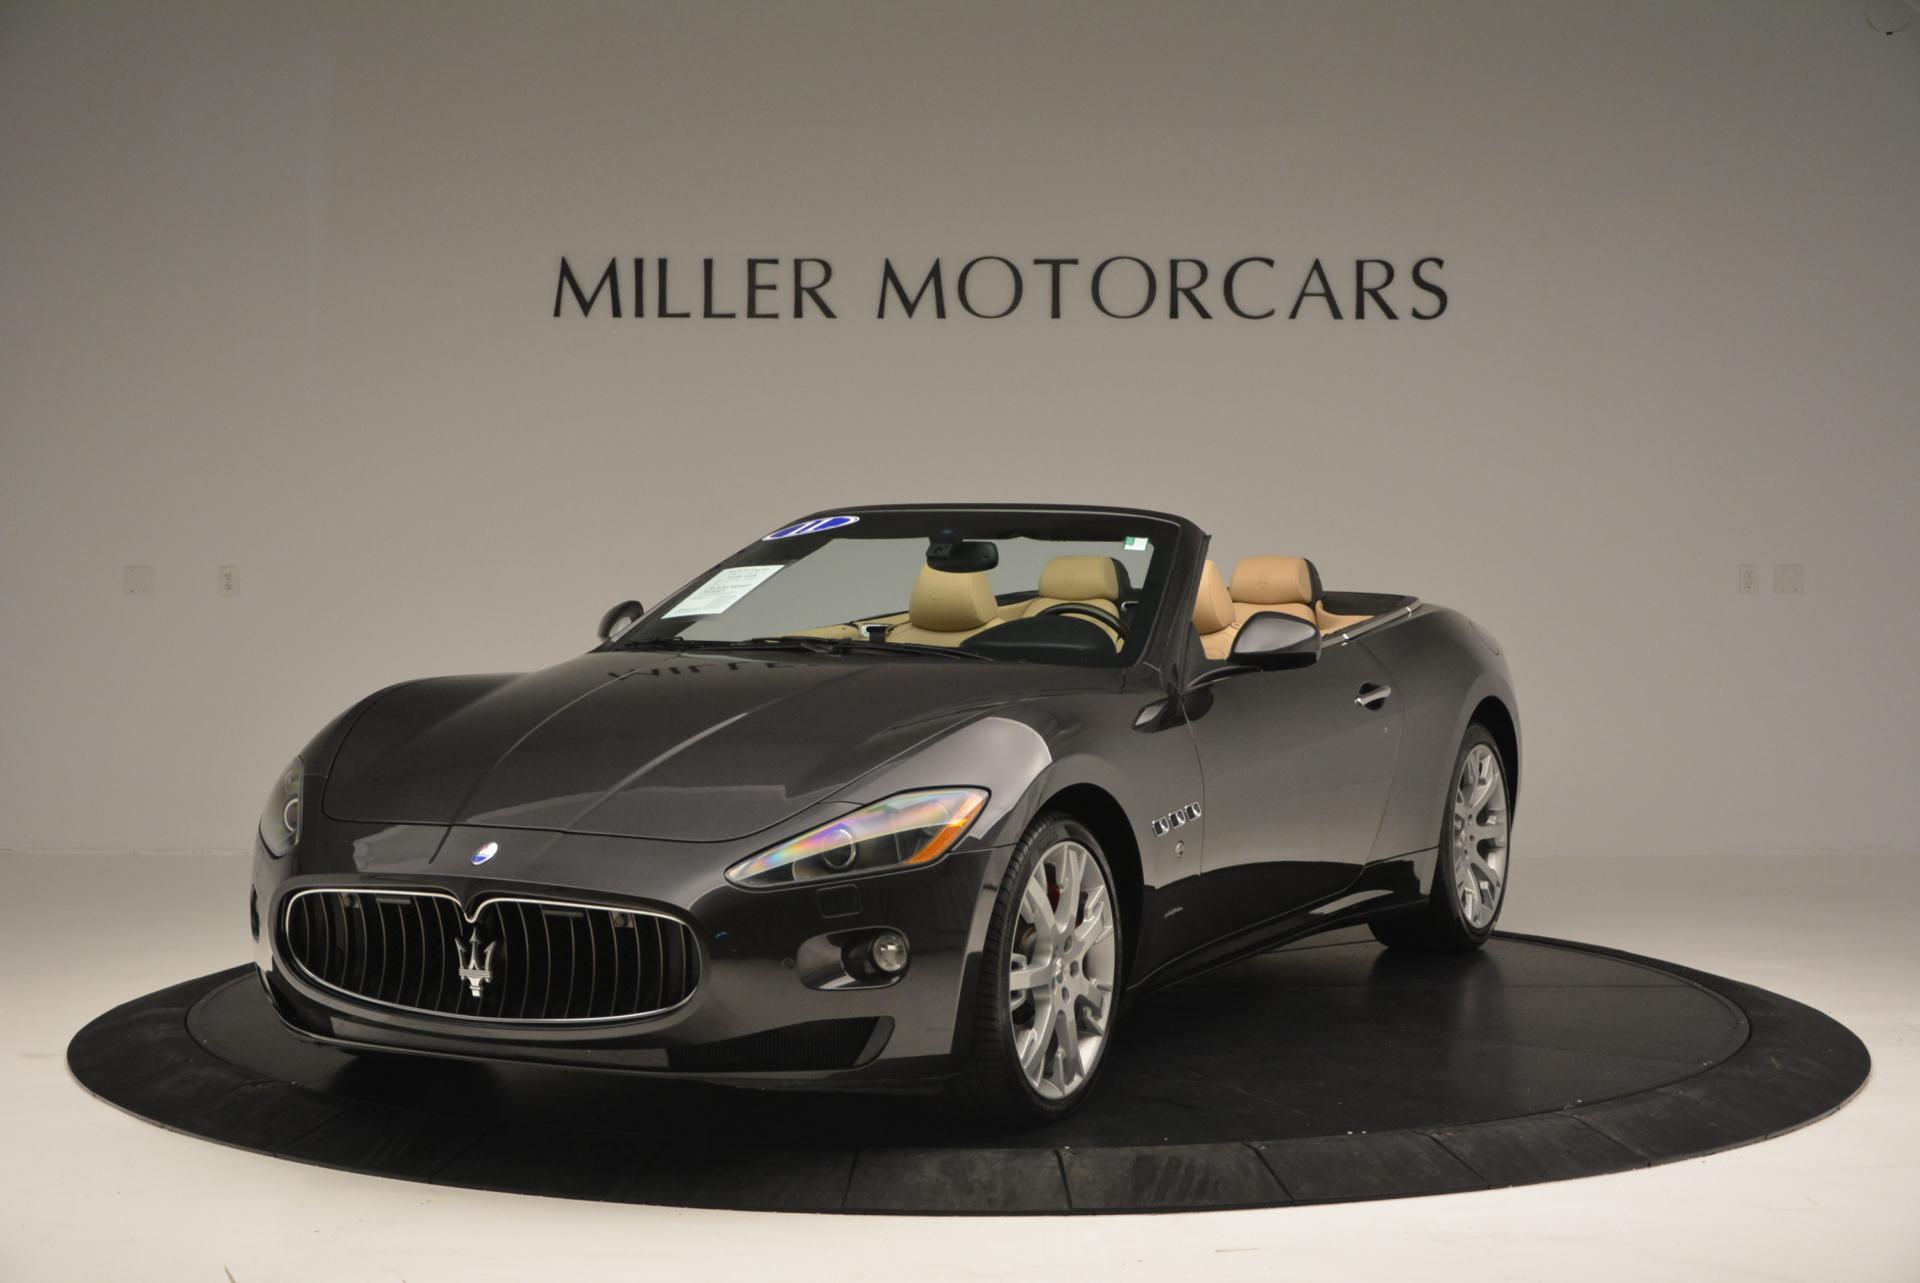 Used 2011 Maserati GranTurismo Base for sale Sold at Alfa Romeo of Westport in Westport CT 06880 1